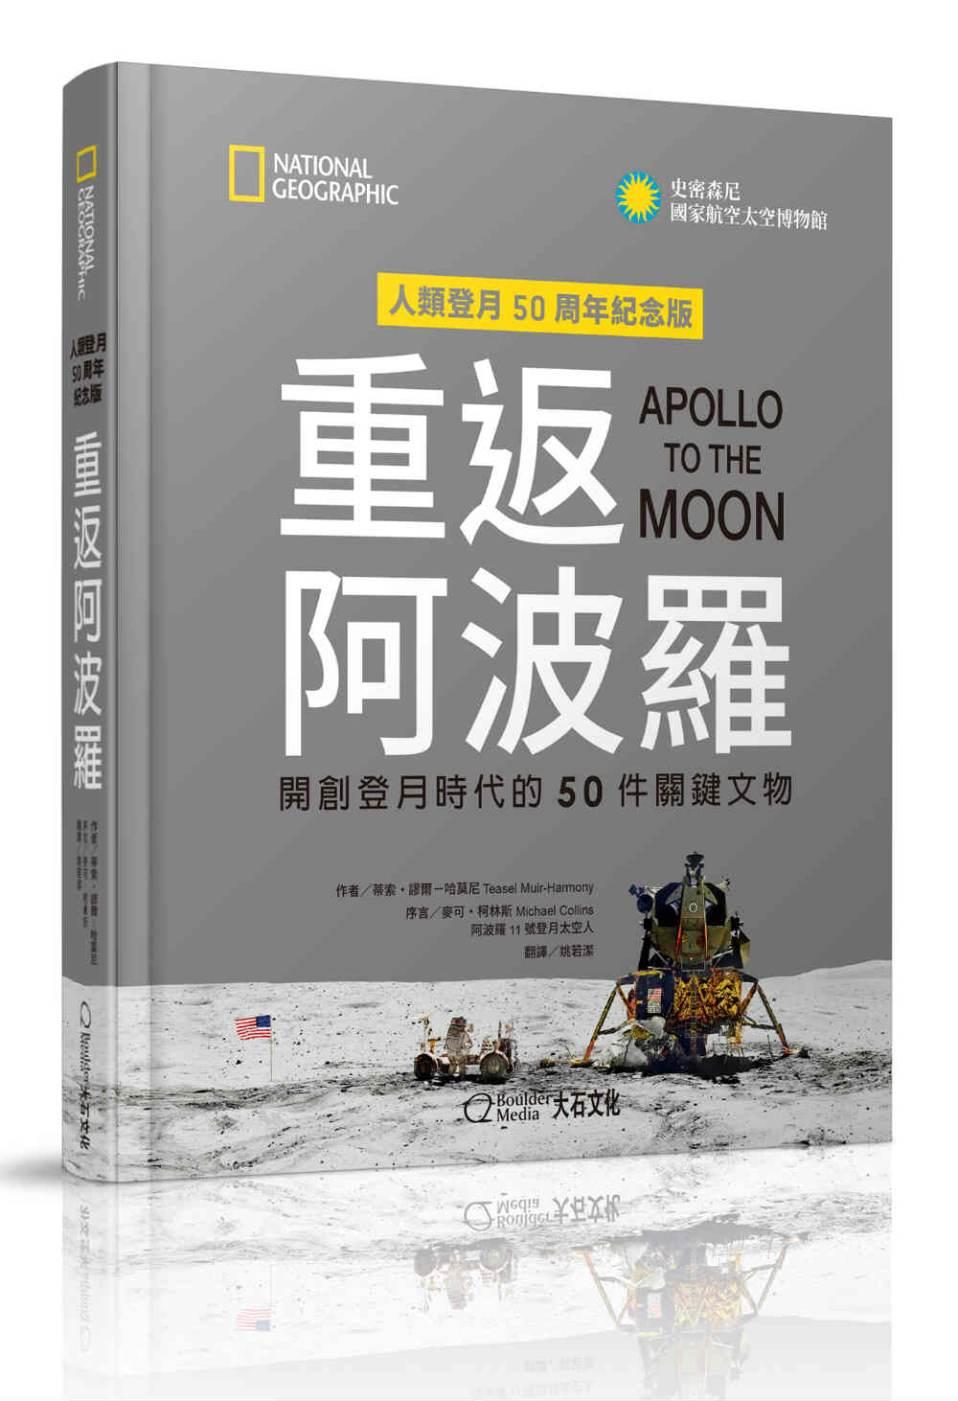 重返阿波羅:開創登月時代的50件關鍵文物